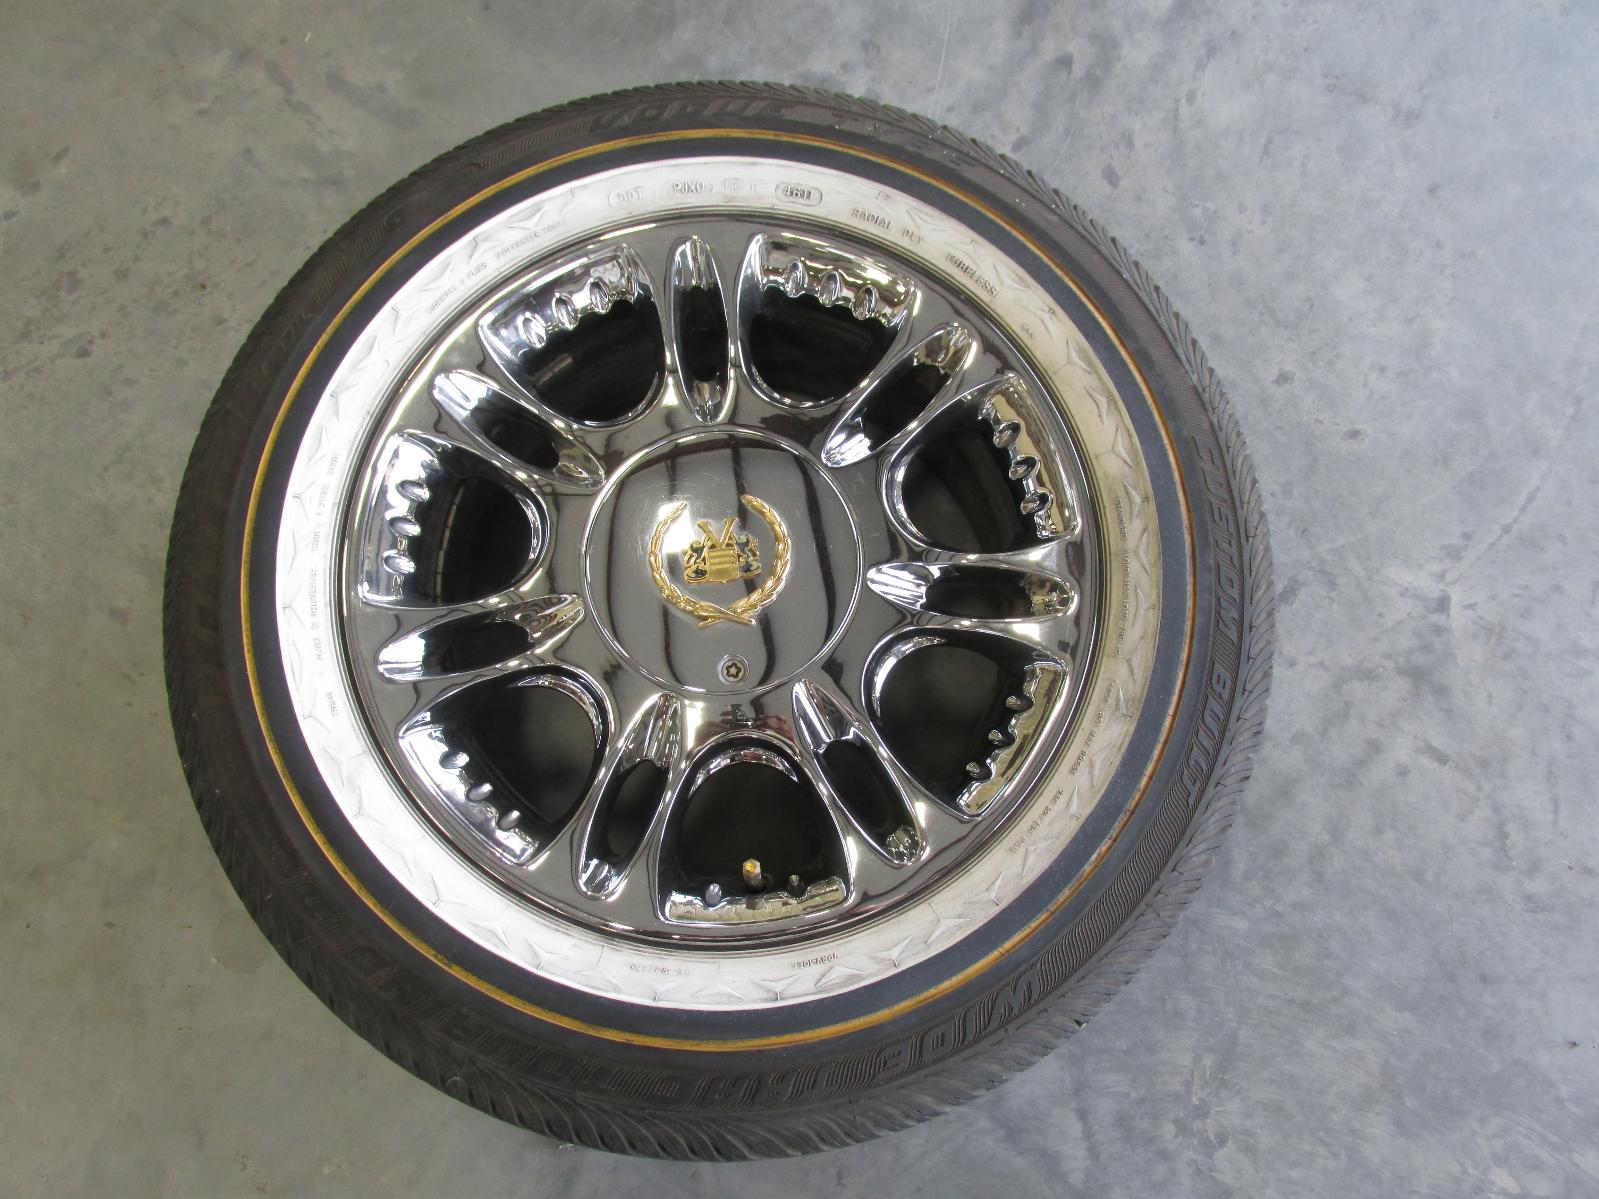 2004 Cadillac DeVille DTS Rims